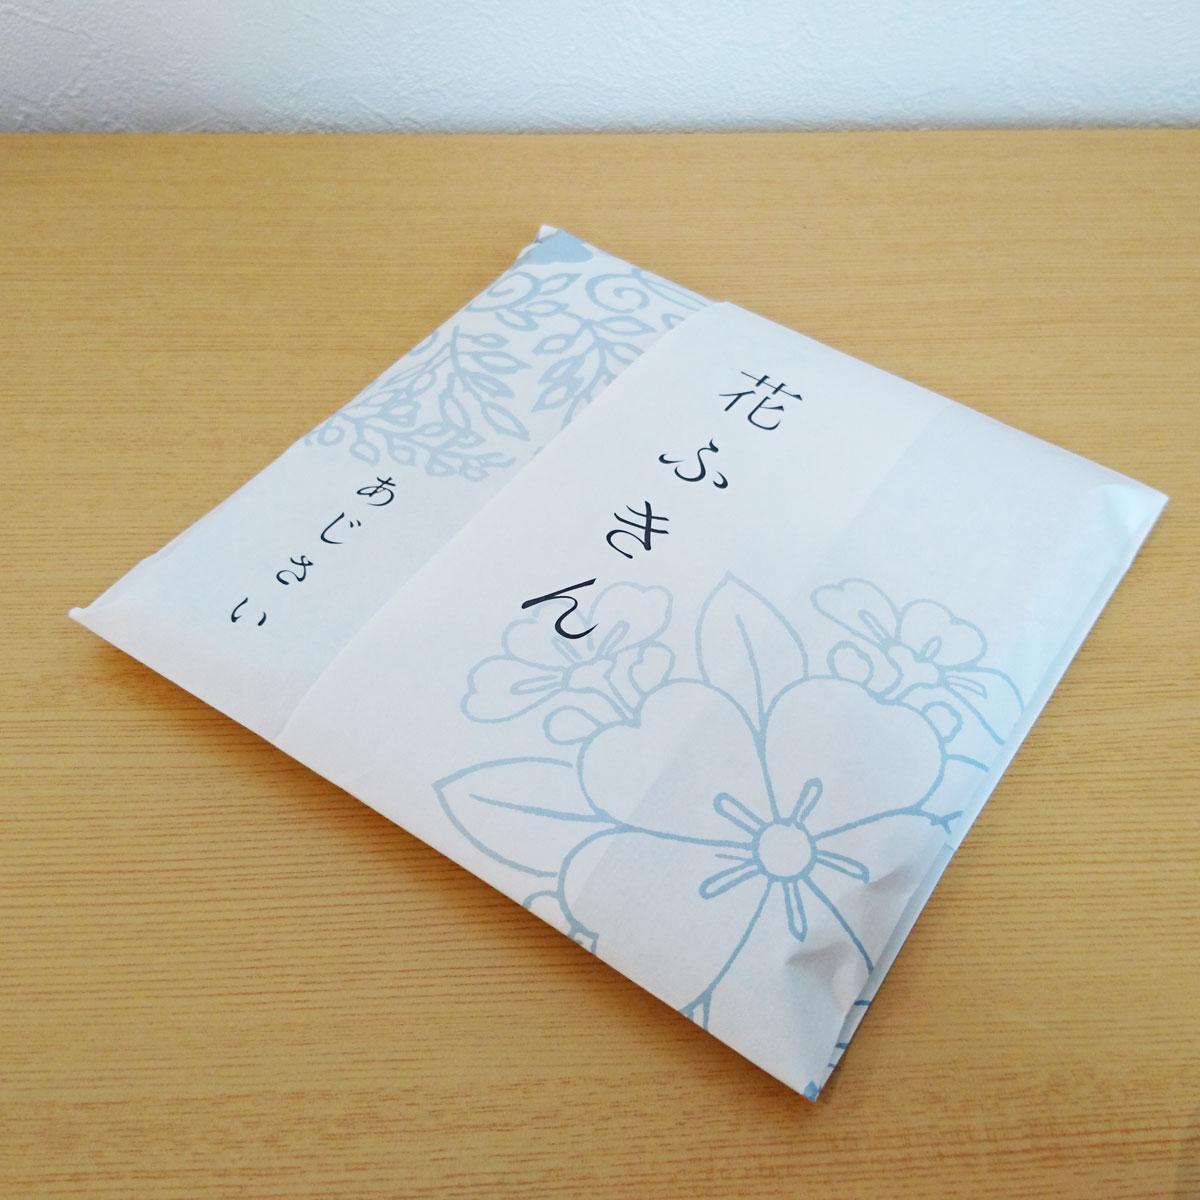 中川政七商店 花ふきん あじさい【代引き可能】